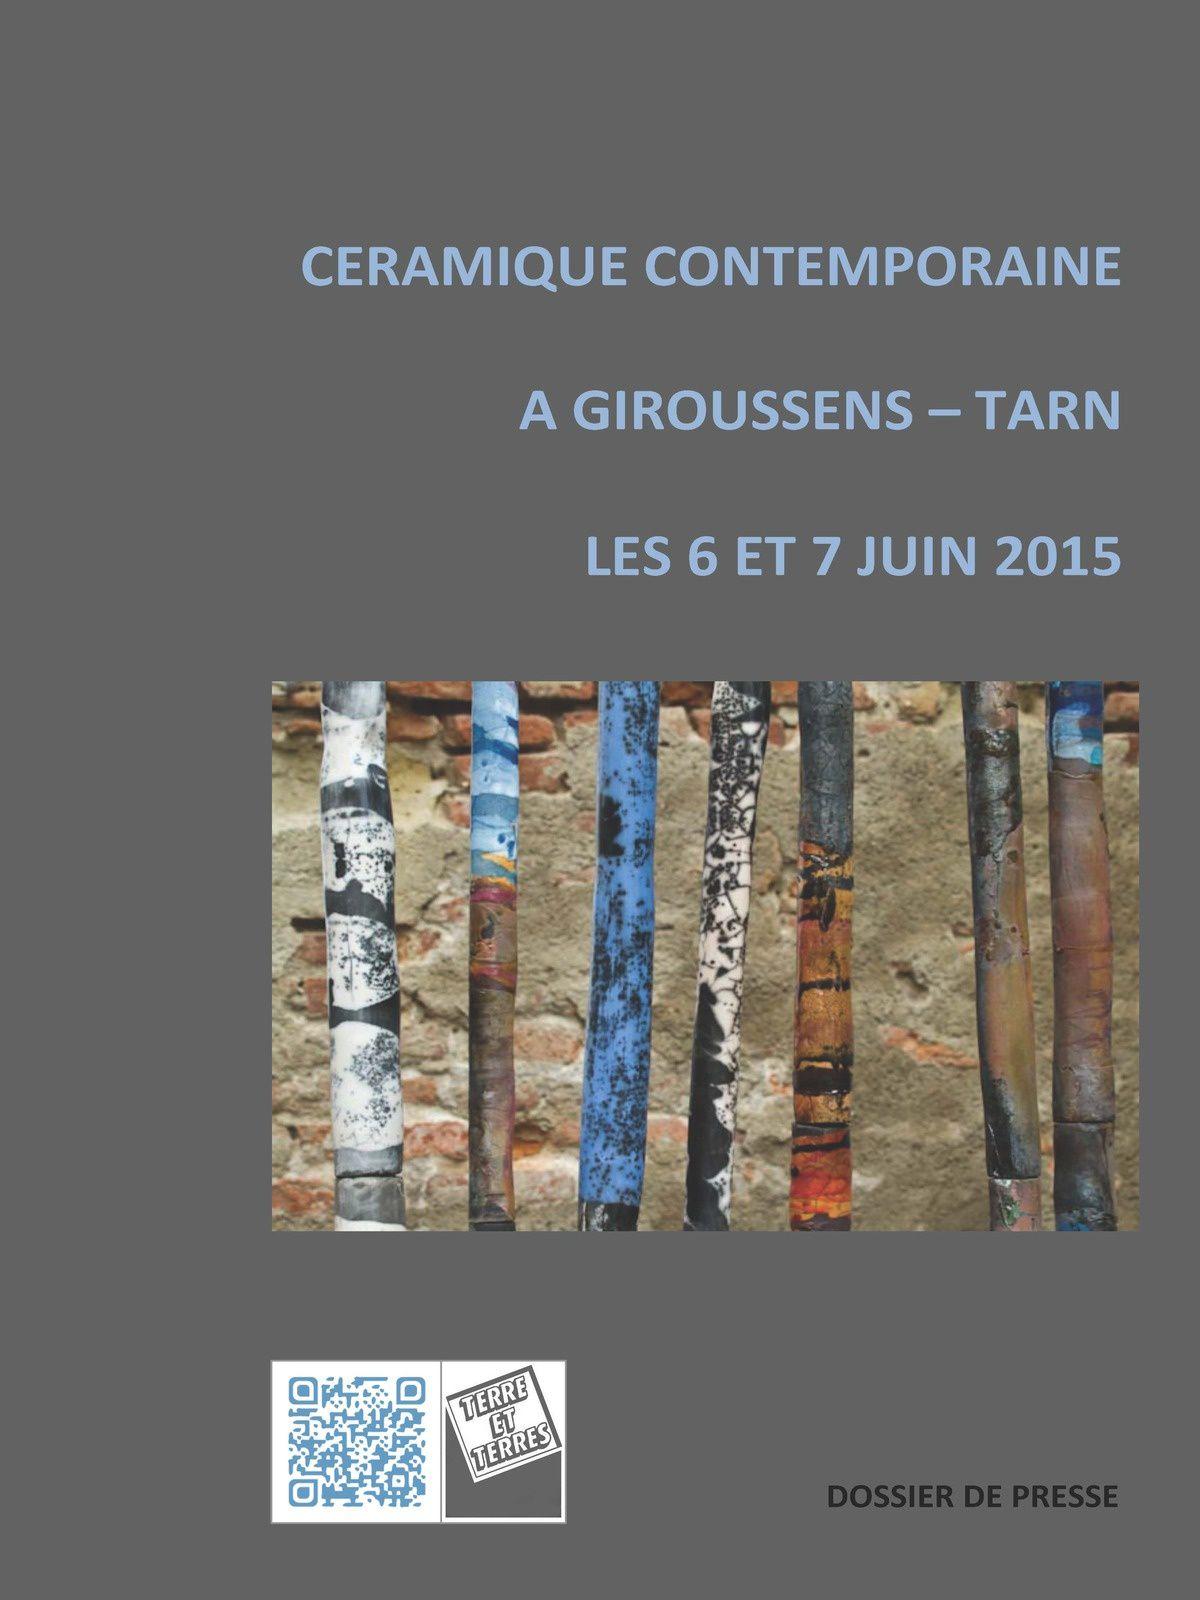 Rendez vous au marché de céramiques de Giroussens à côté de Toulouse ,samedi 6 et dimanche 7 juin